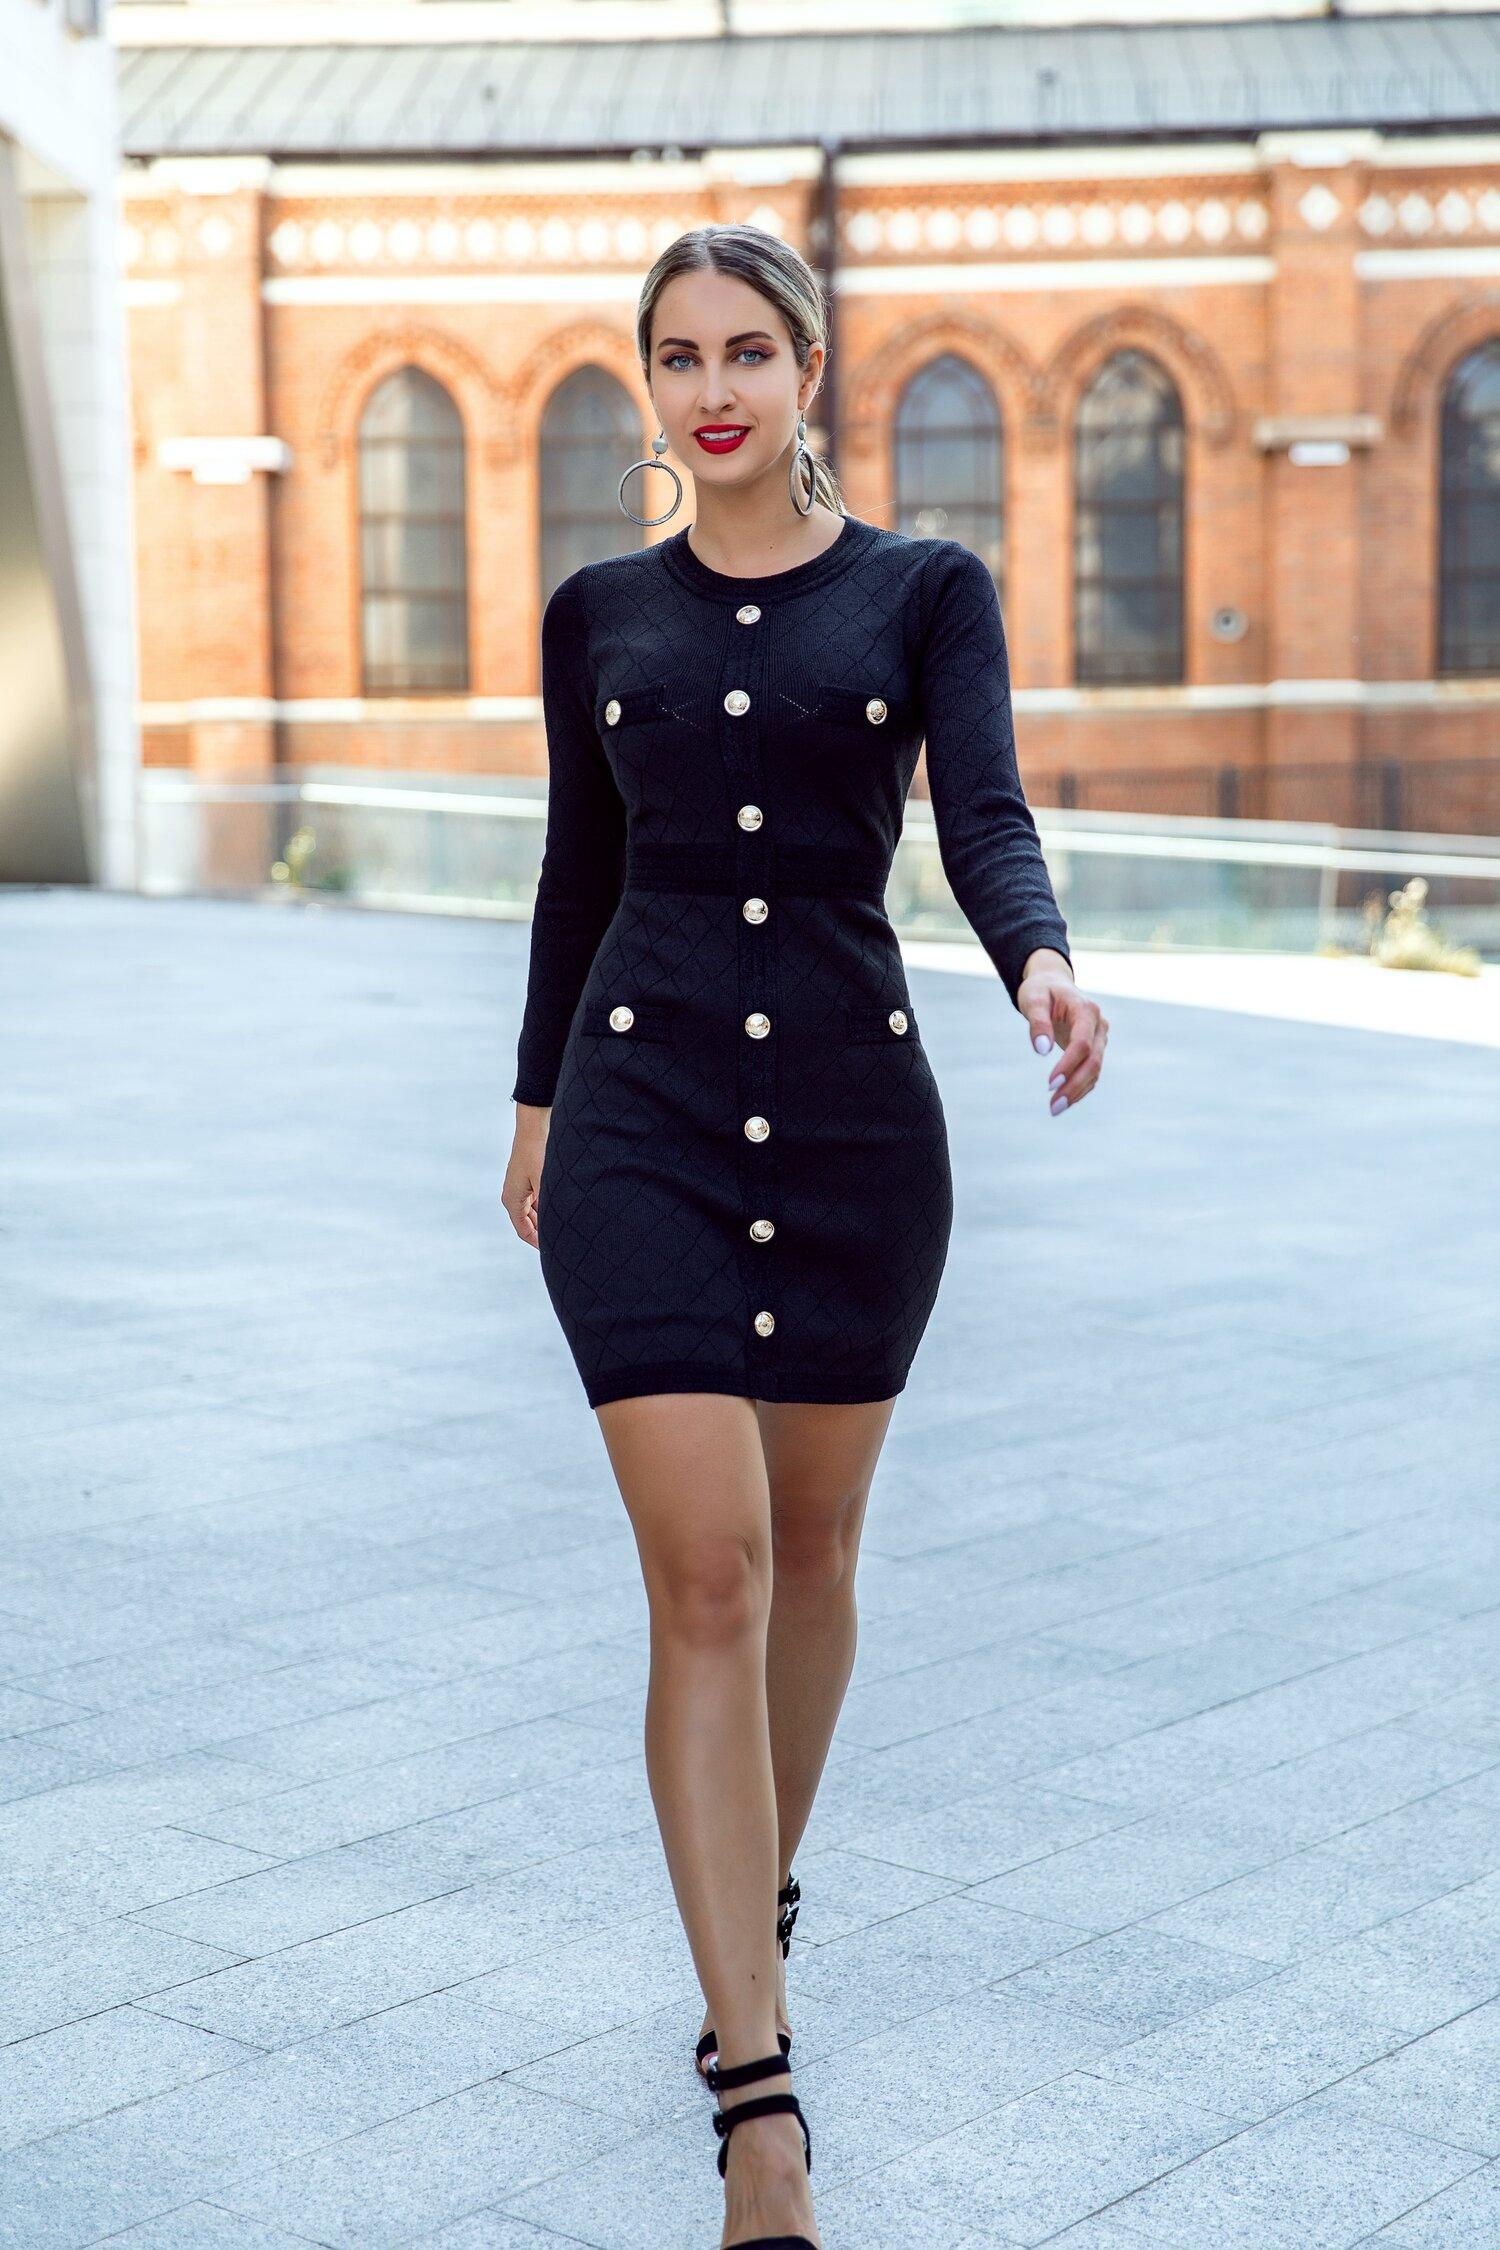 Rochie Reya tricotata neagra cu nasturi aurii decorativi si fermoar la spate